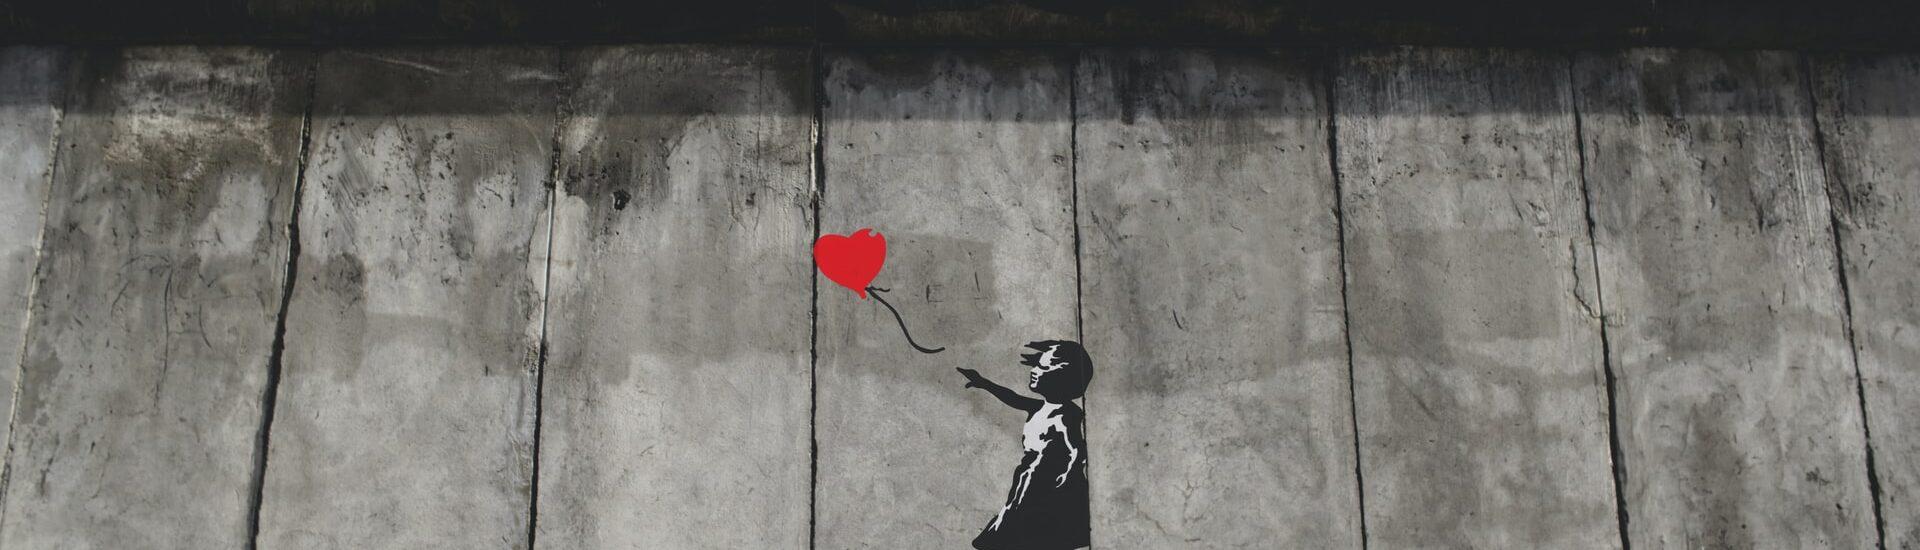 Ο Banksy κατά του ρατσισμού